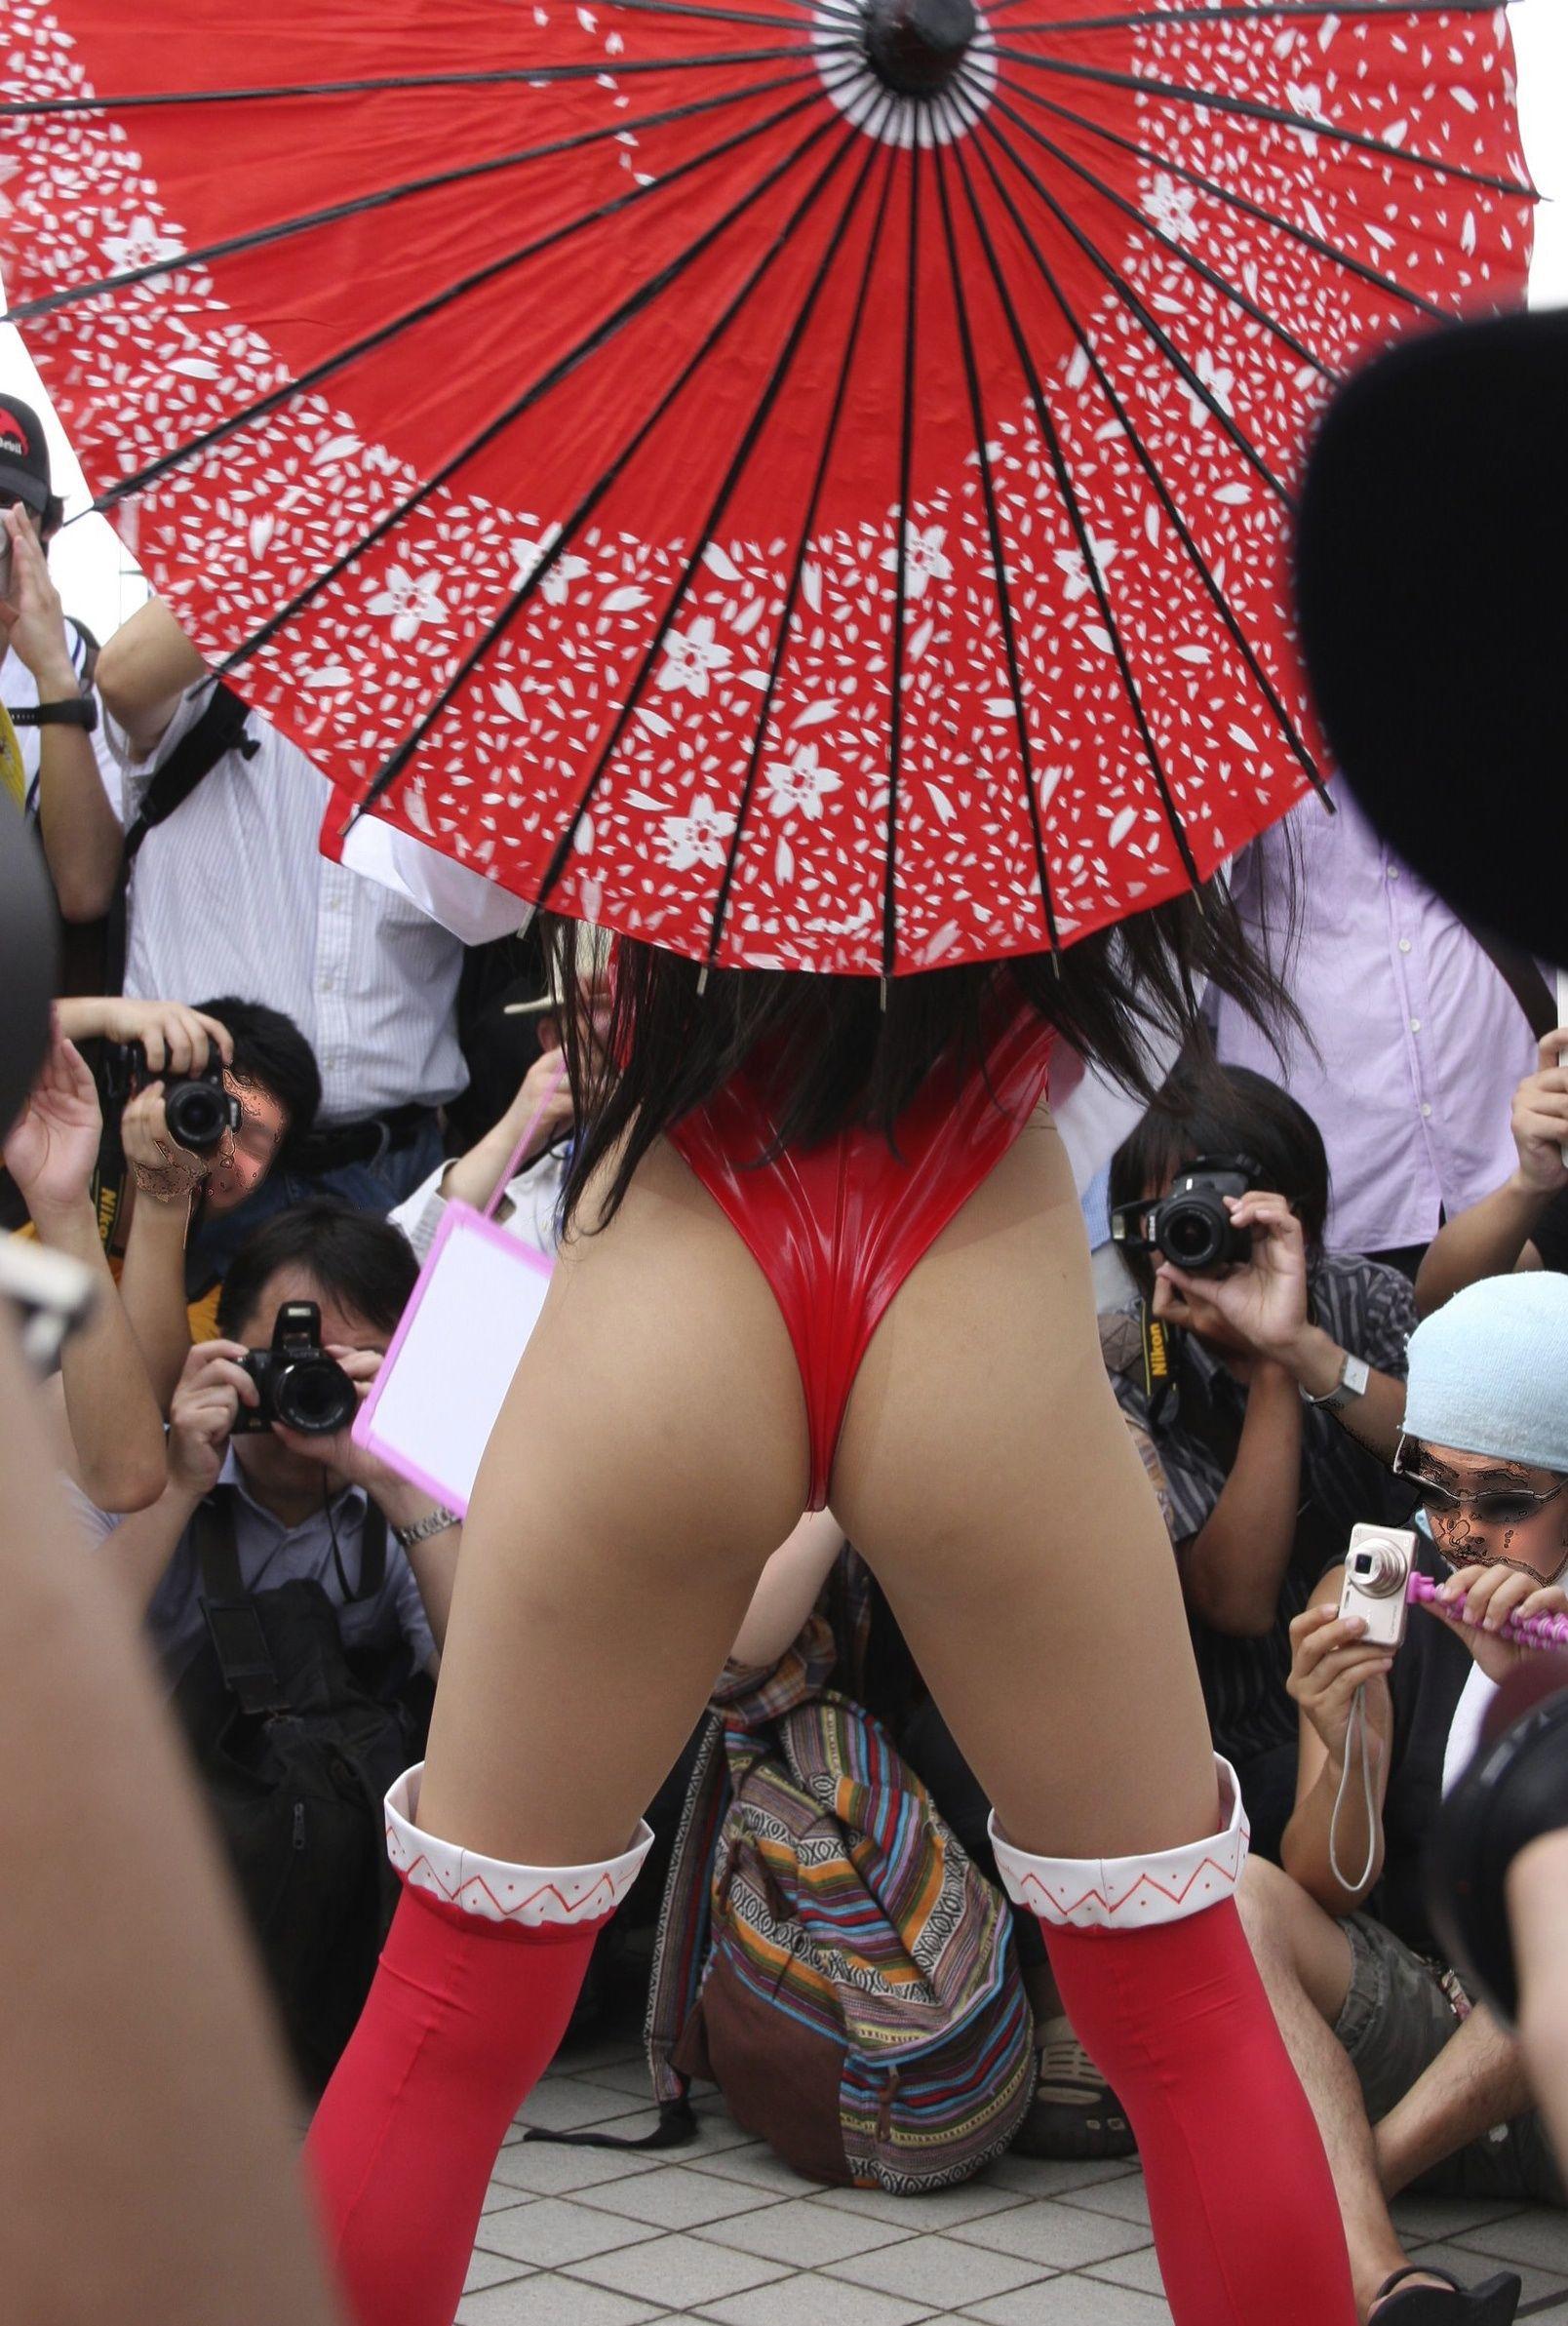 【コスプレエロ画像】パンモロと同等wハミ出しに擦りつけたいコスプレイヤーの美尻(;´Д`)